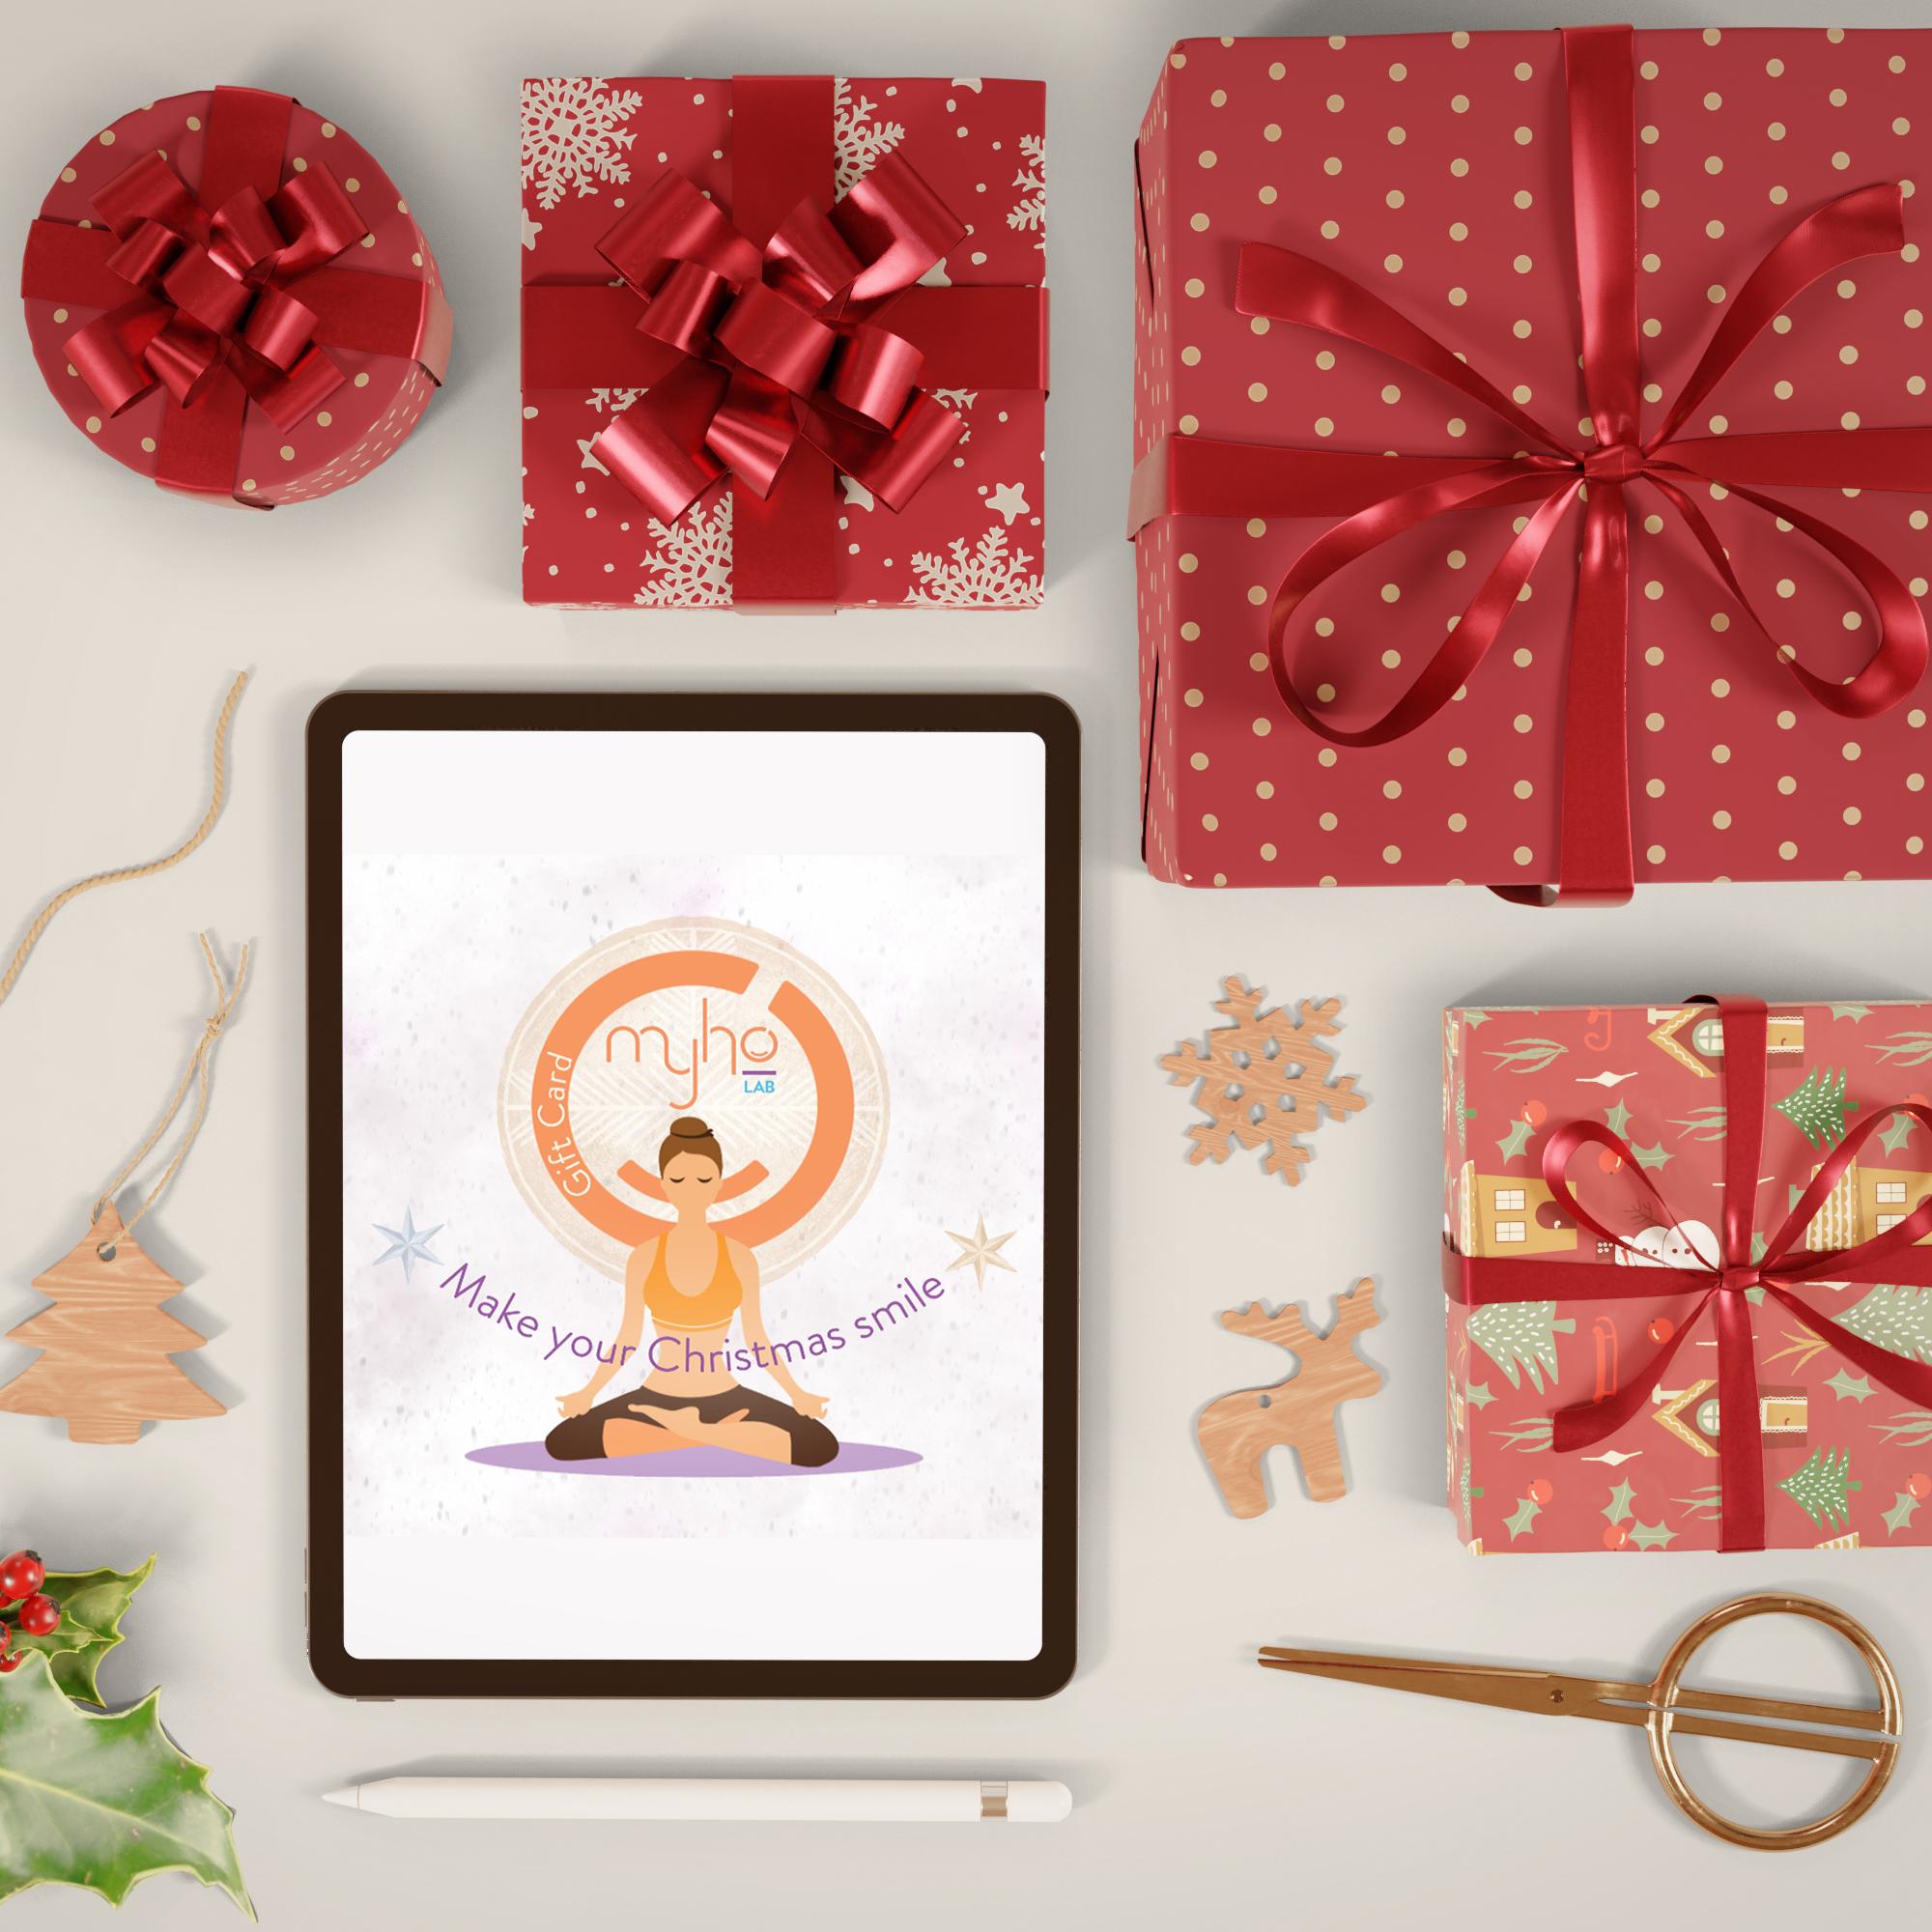 Myho_Christmas